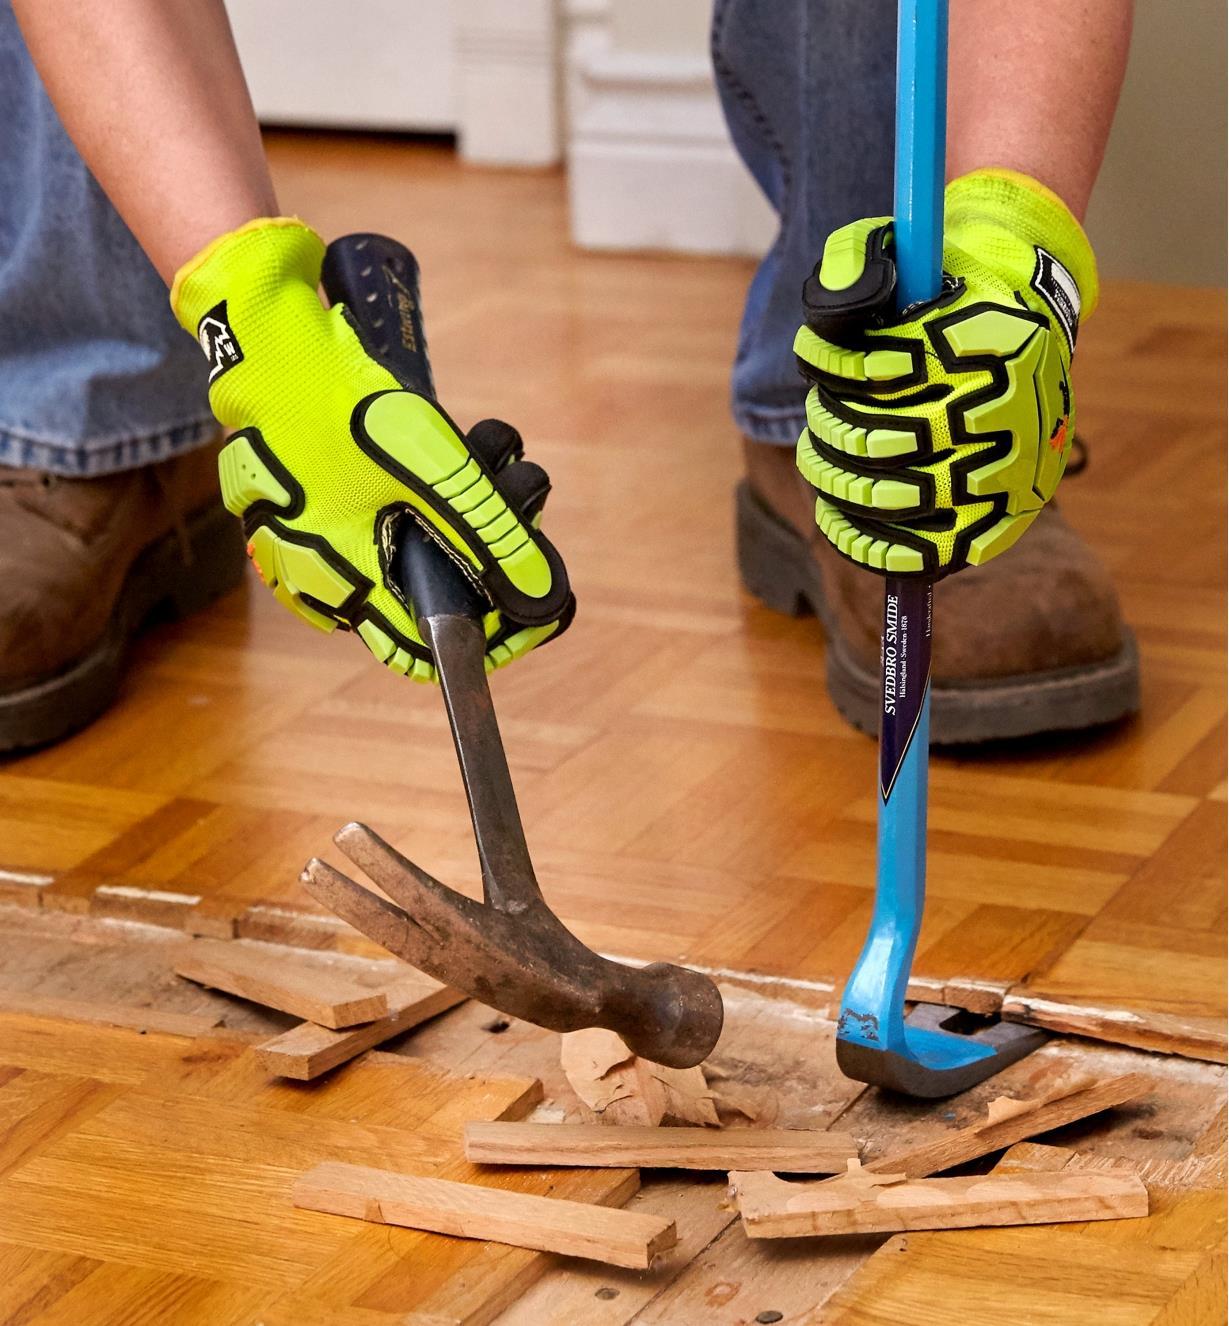 Personne munie de gants antichocs défaisant un plancher de bois franc au moyen d'un marteau et d'une barre à levier